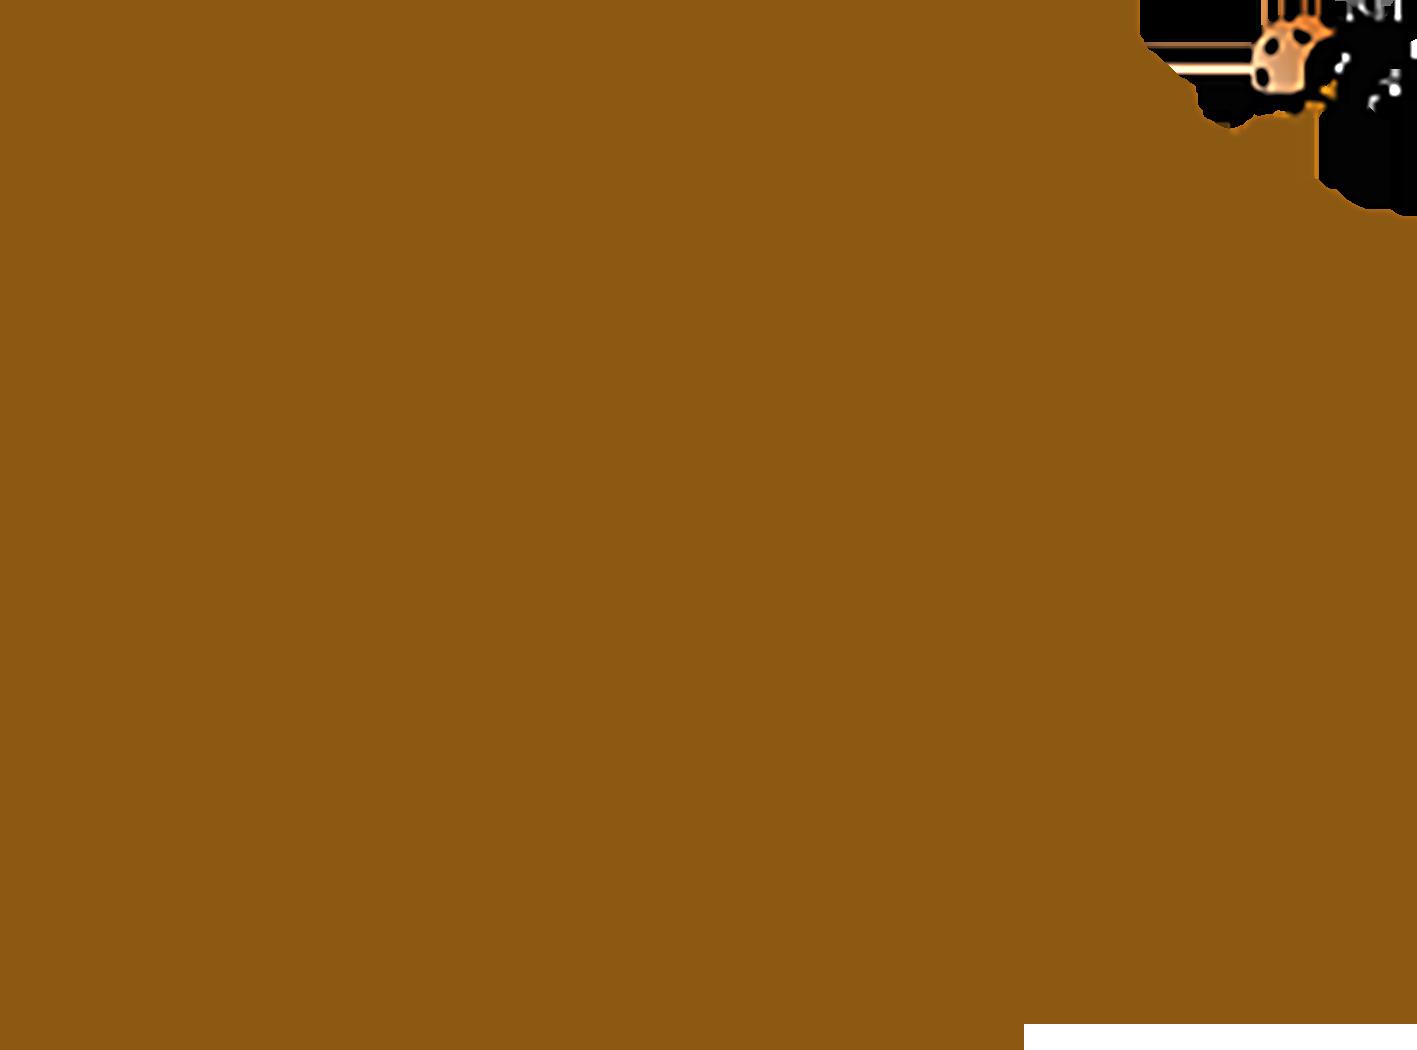 Michel Furdyna logo